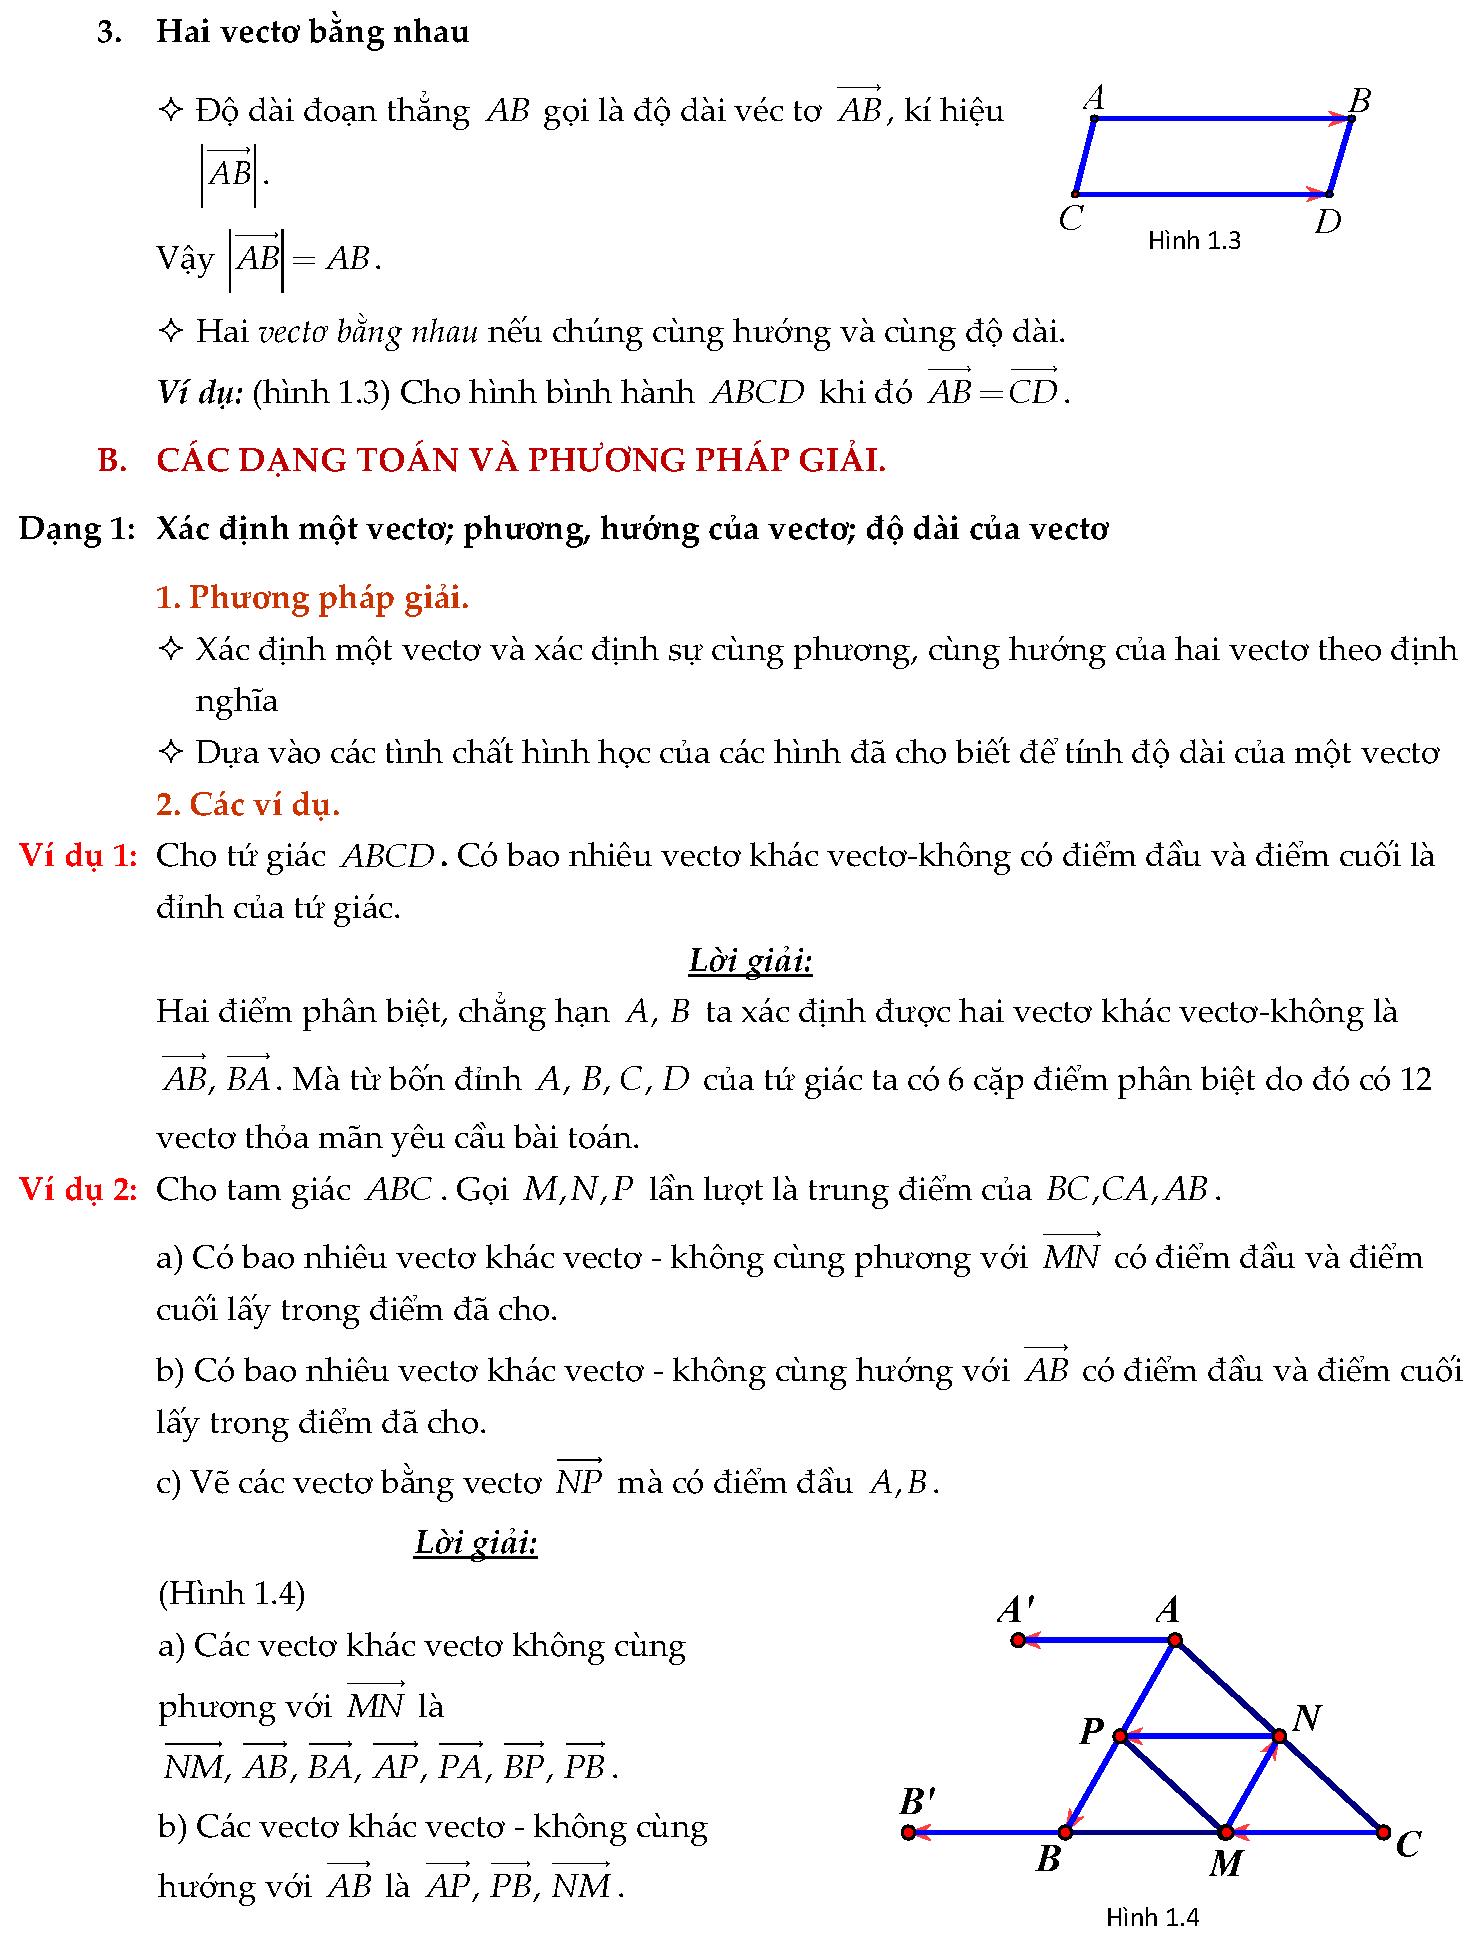 Bài tập tổng hiệu hai vectơ